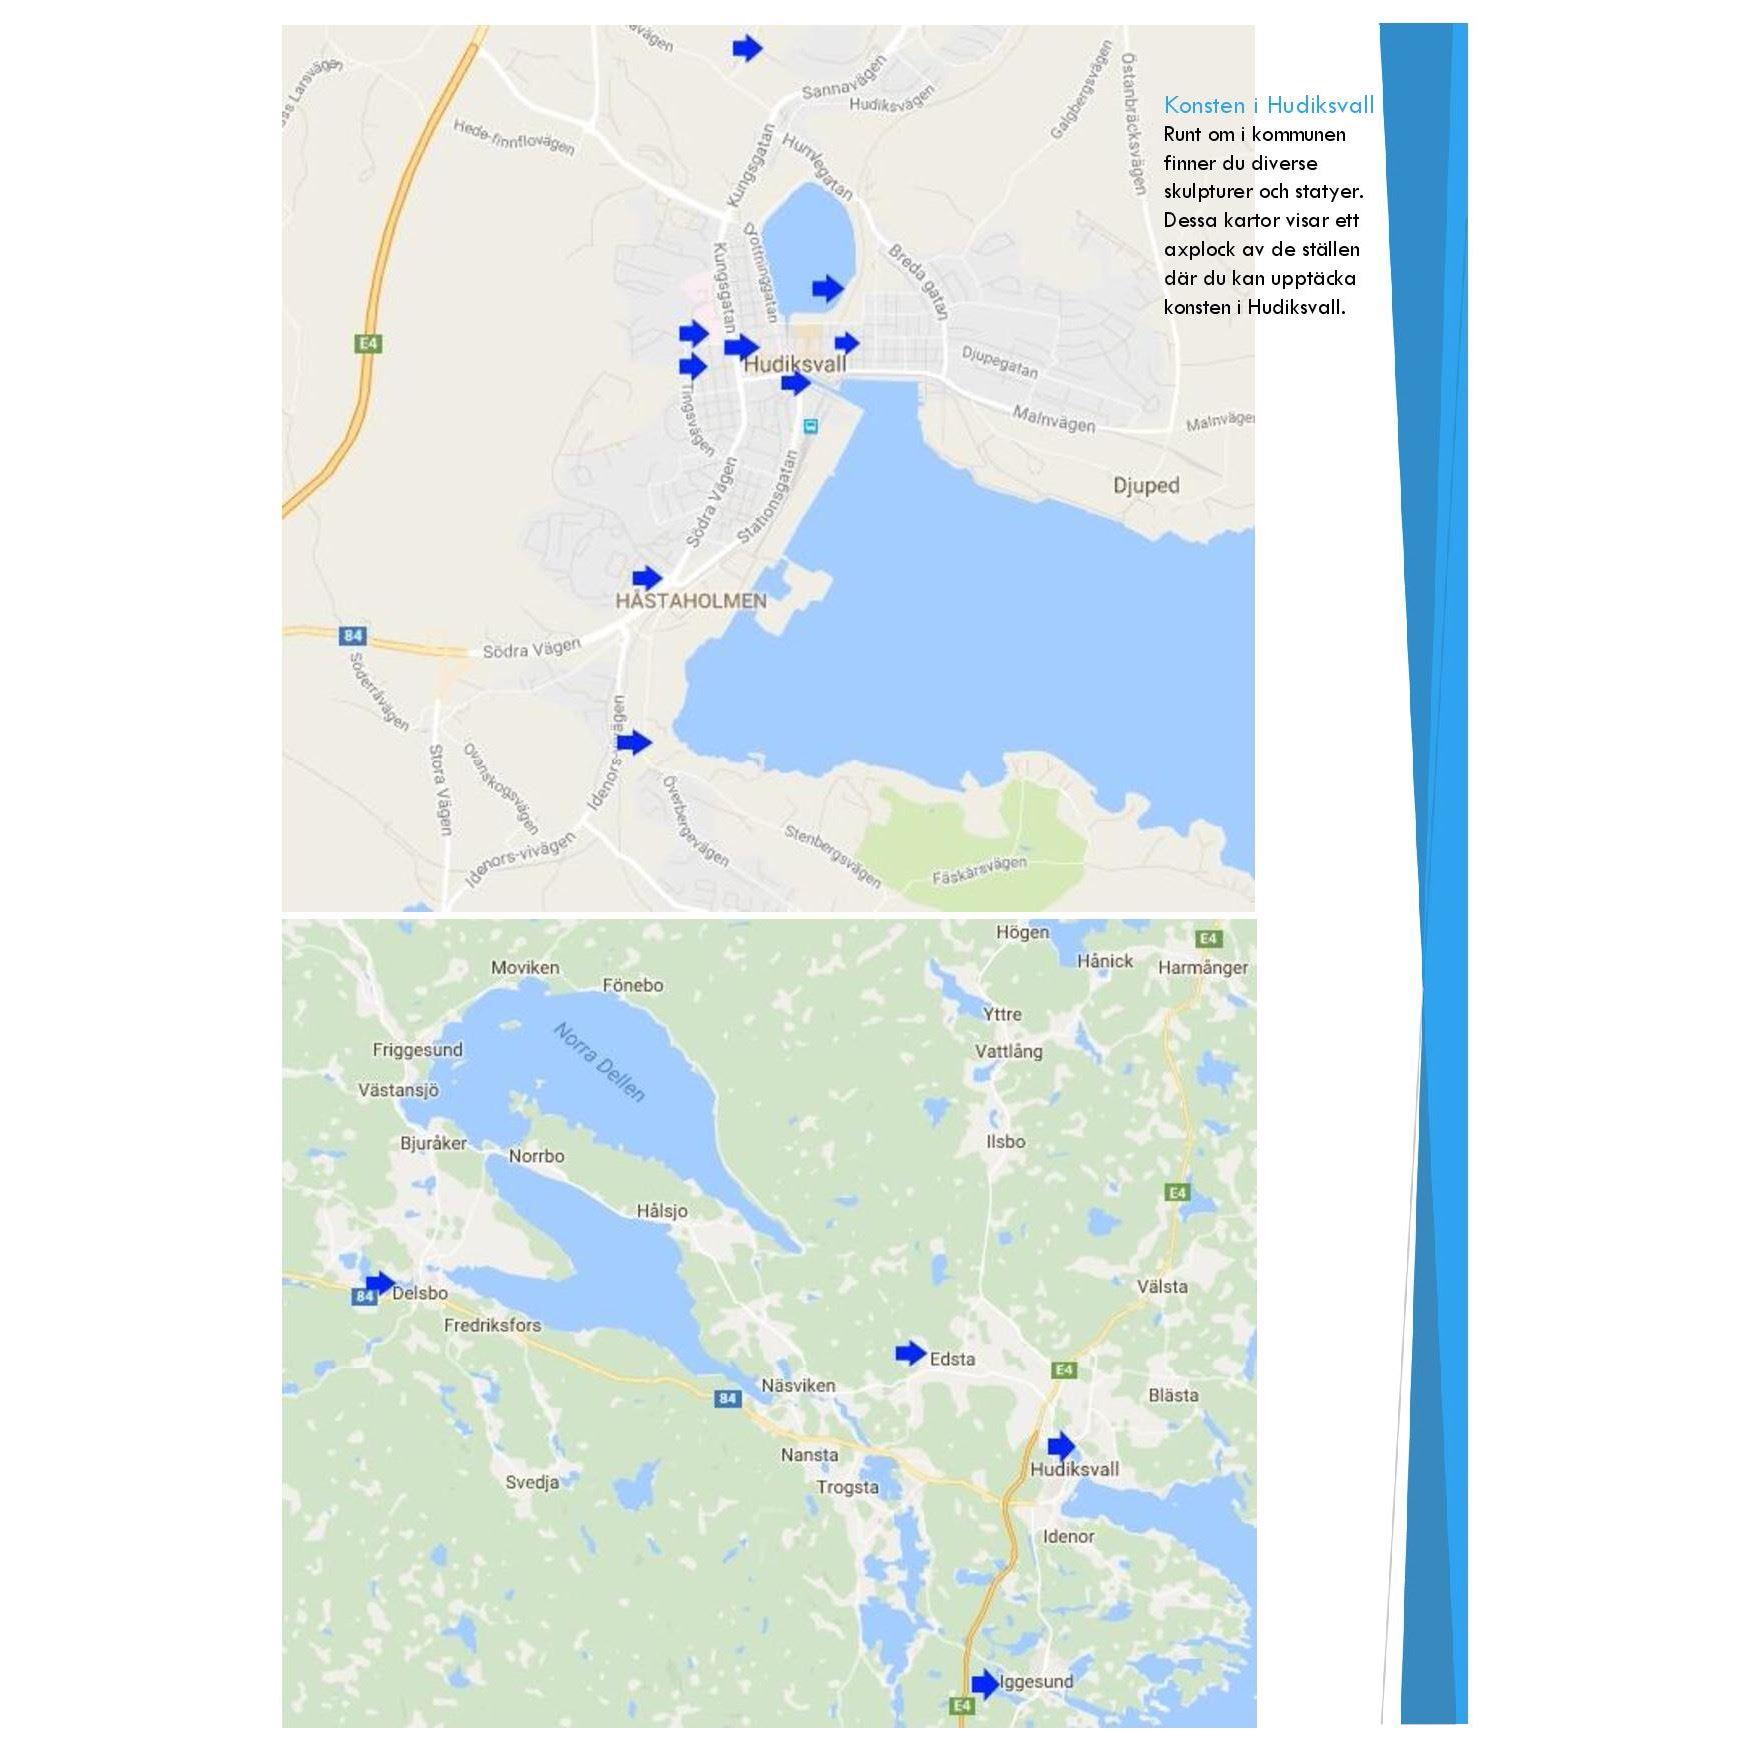 Upptäck konsten i Hudiksvall